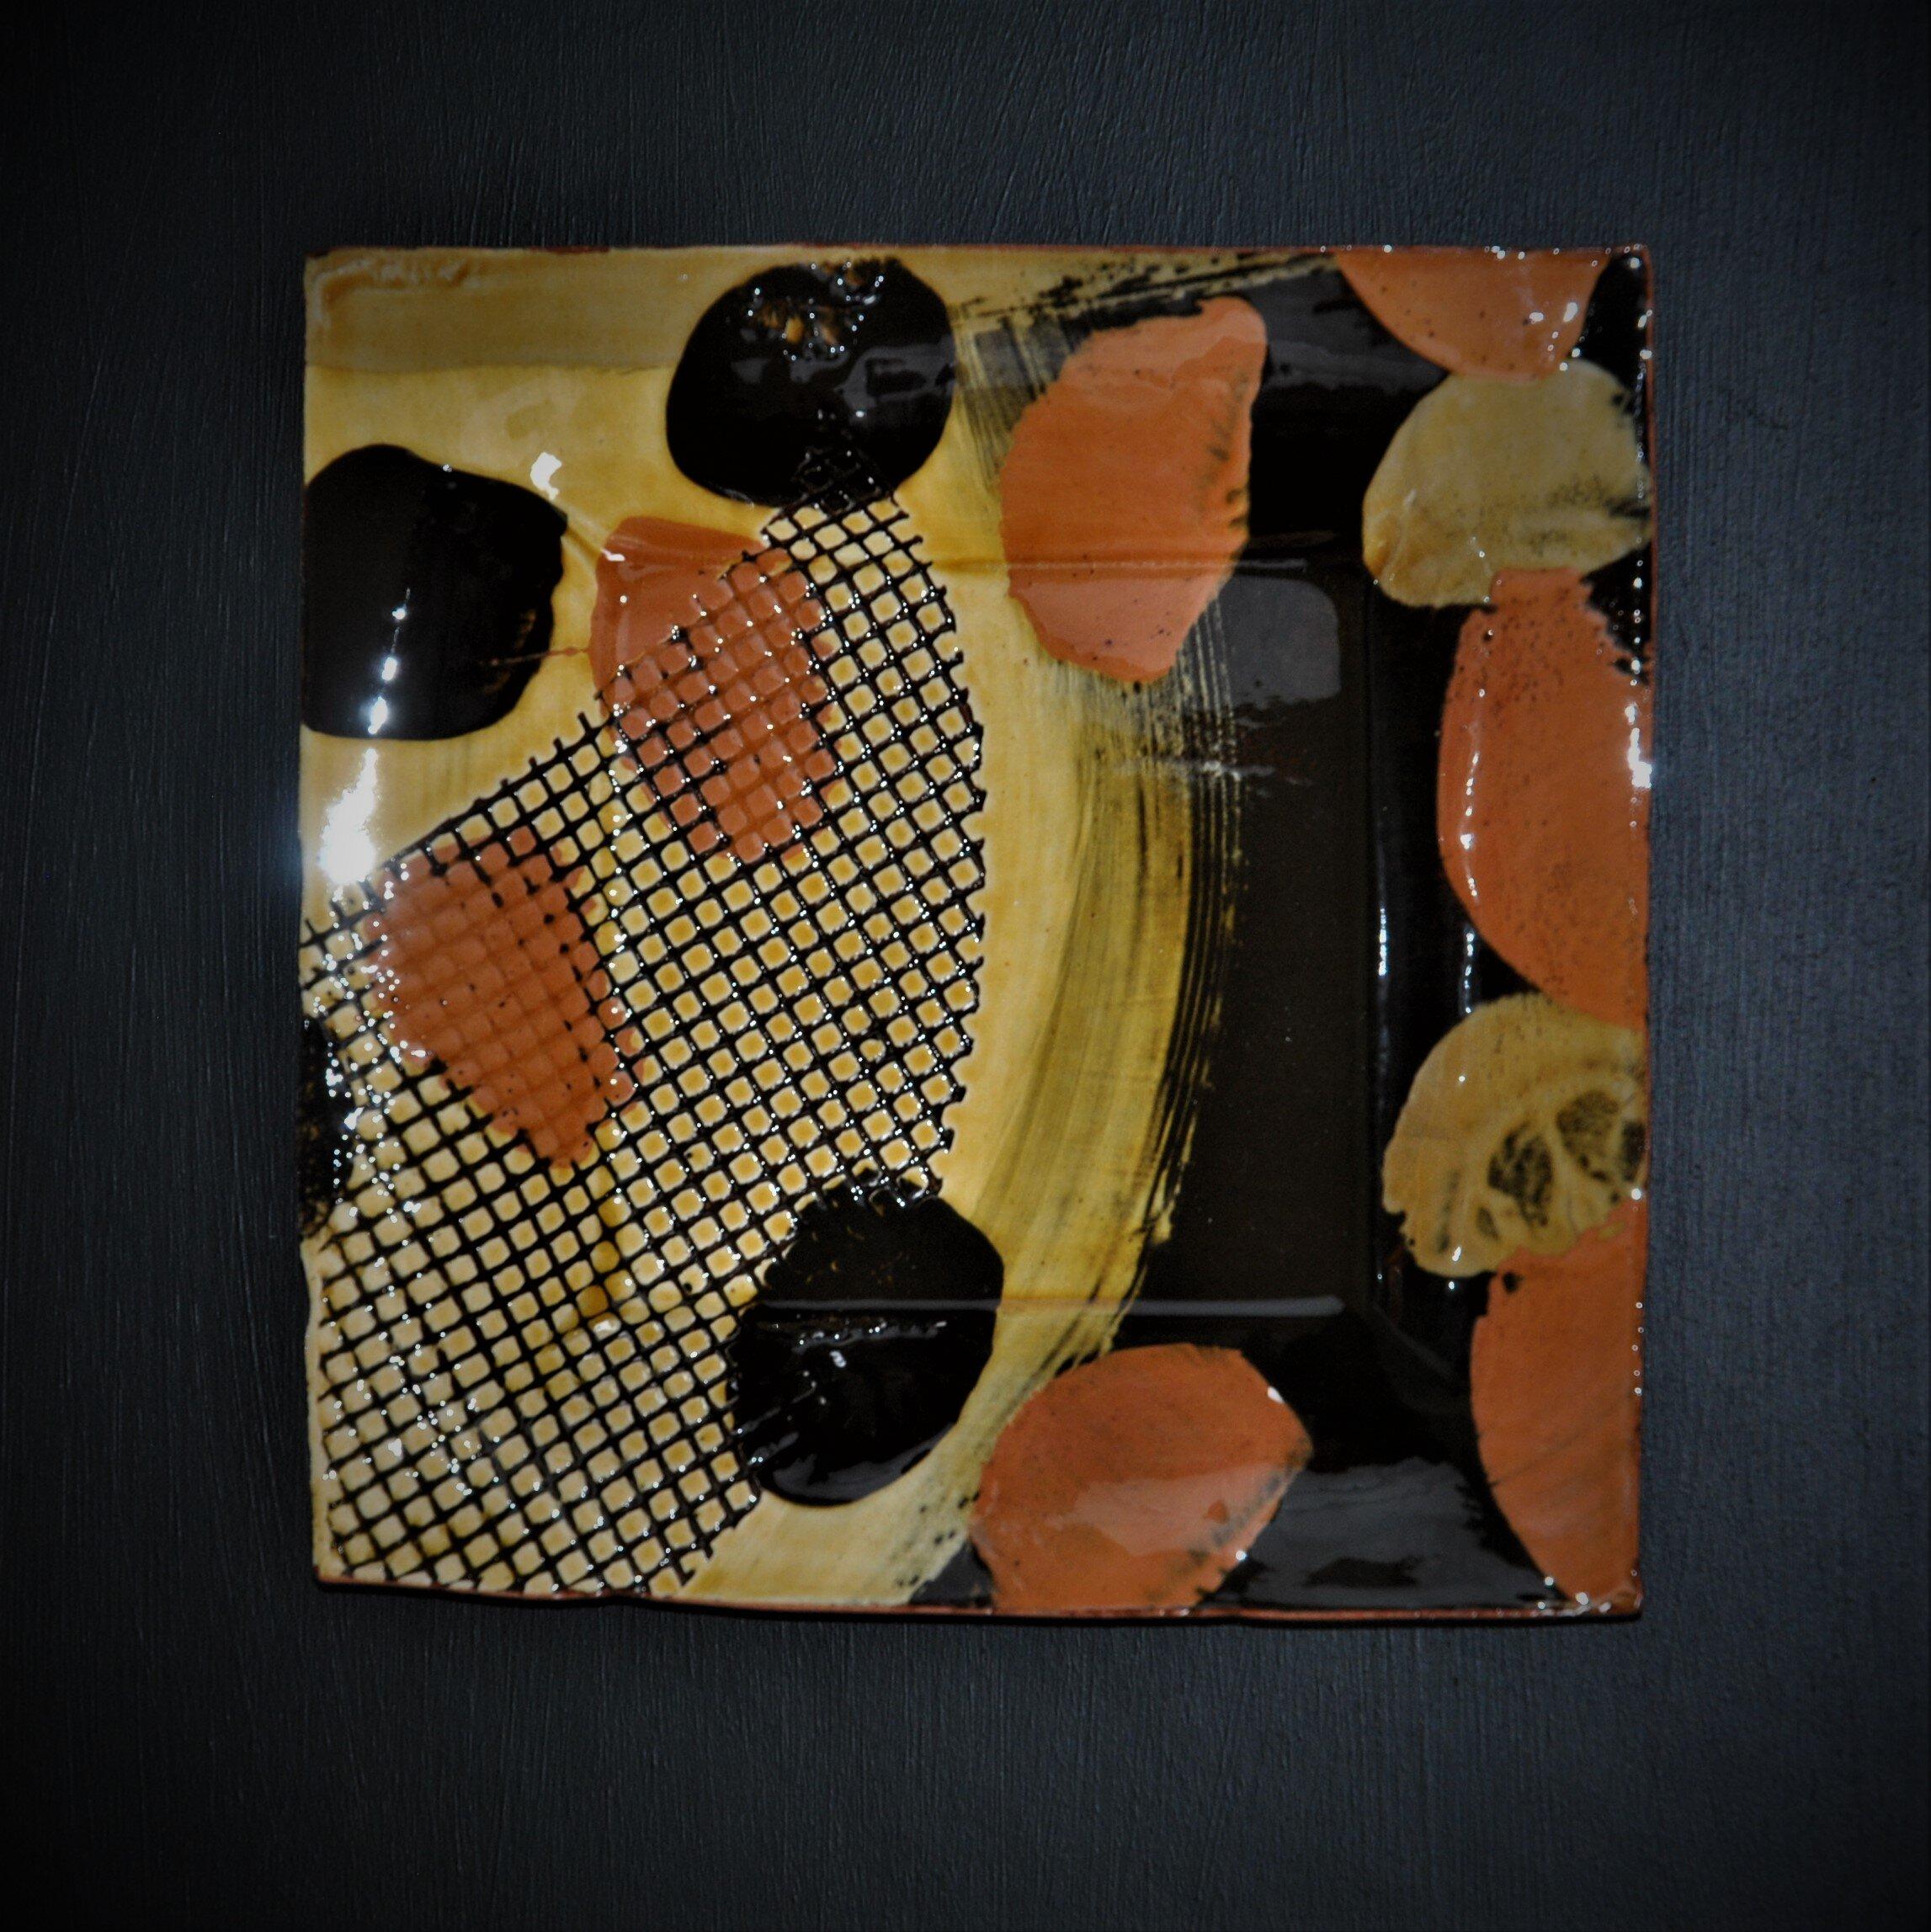 Mike Cain ceramics poster 21.08.16 073.jpg